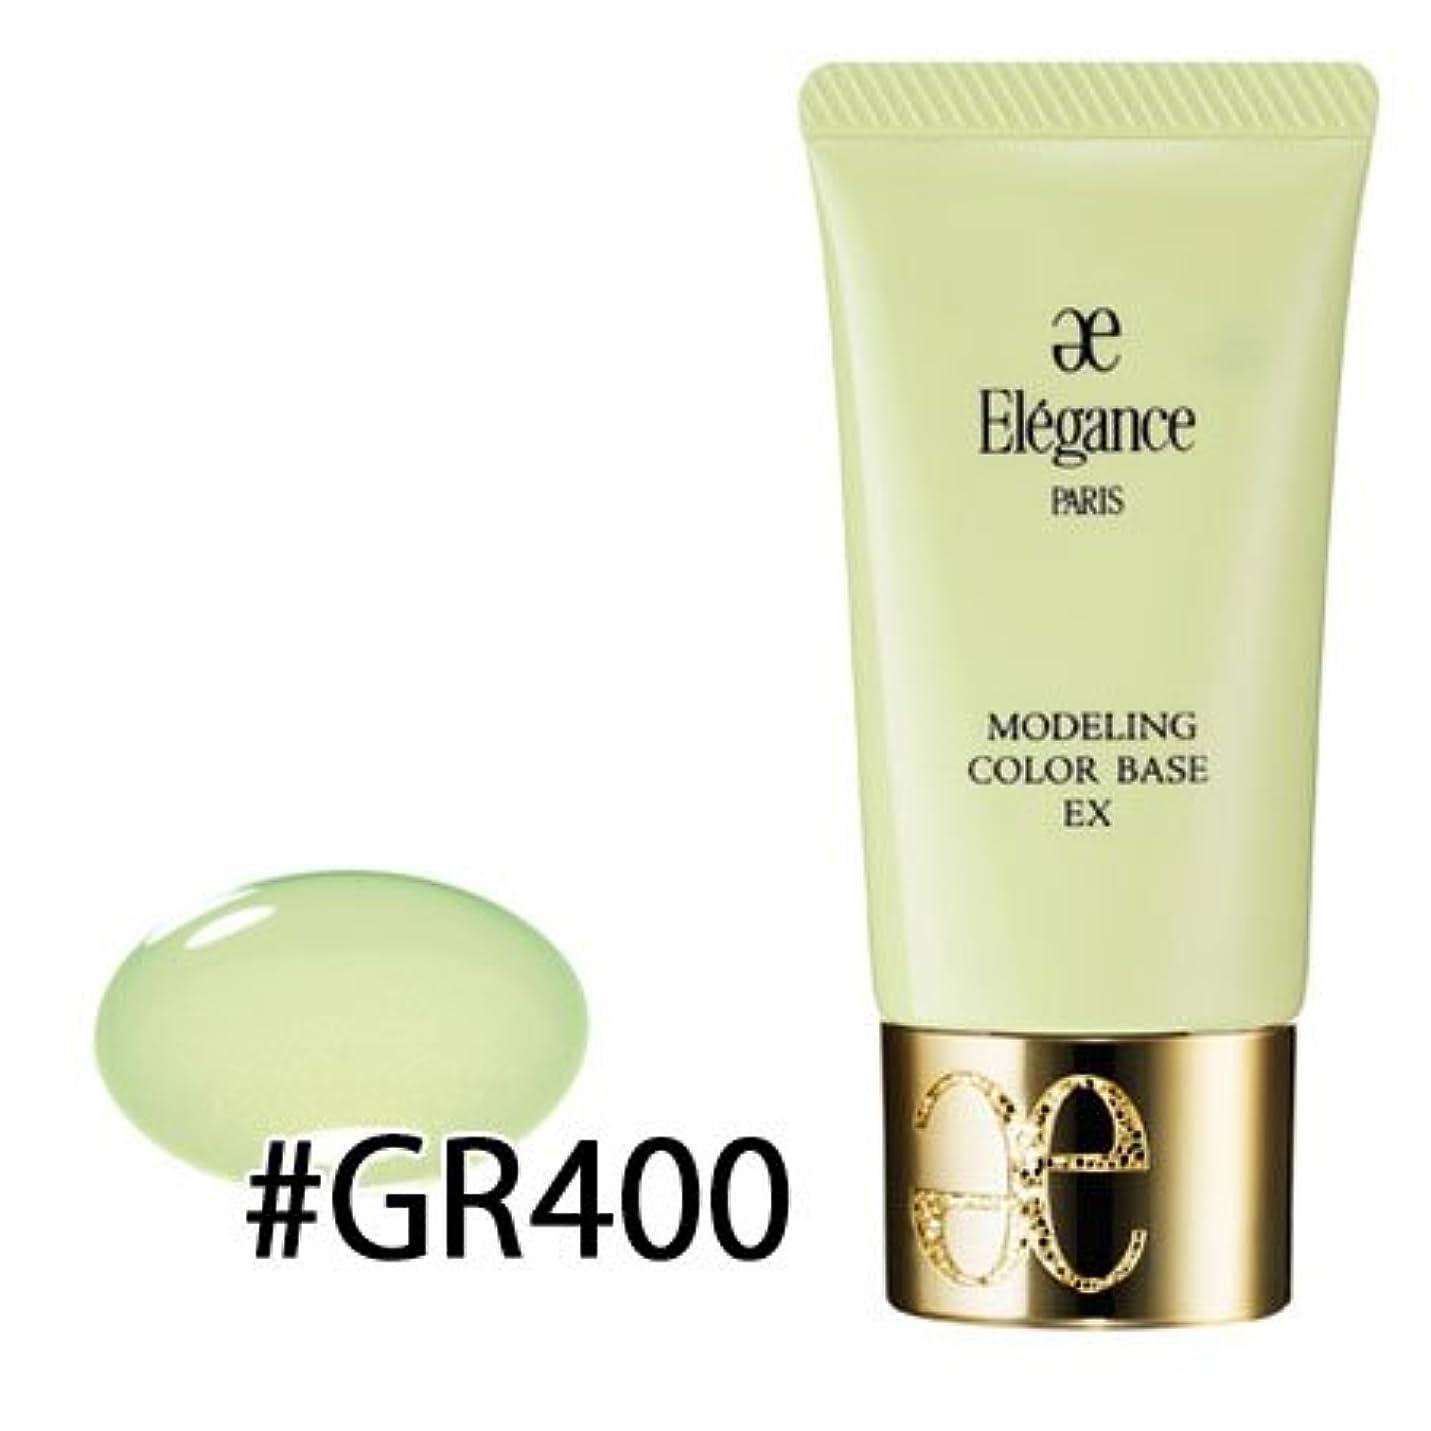 感情の媒染剤失敗エレガンス モデリング カラーベース EX #GR400